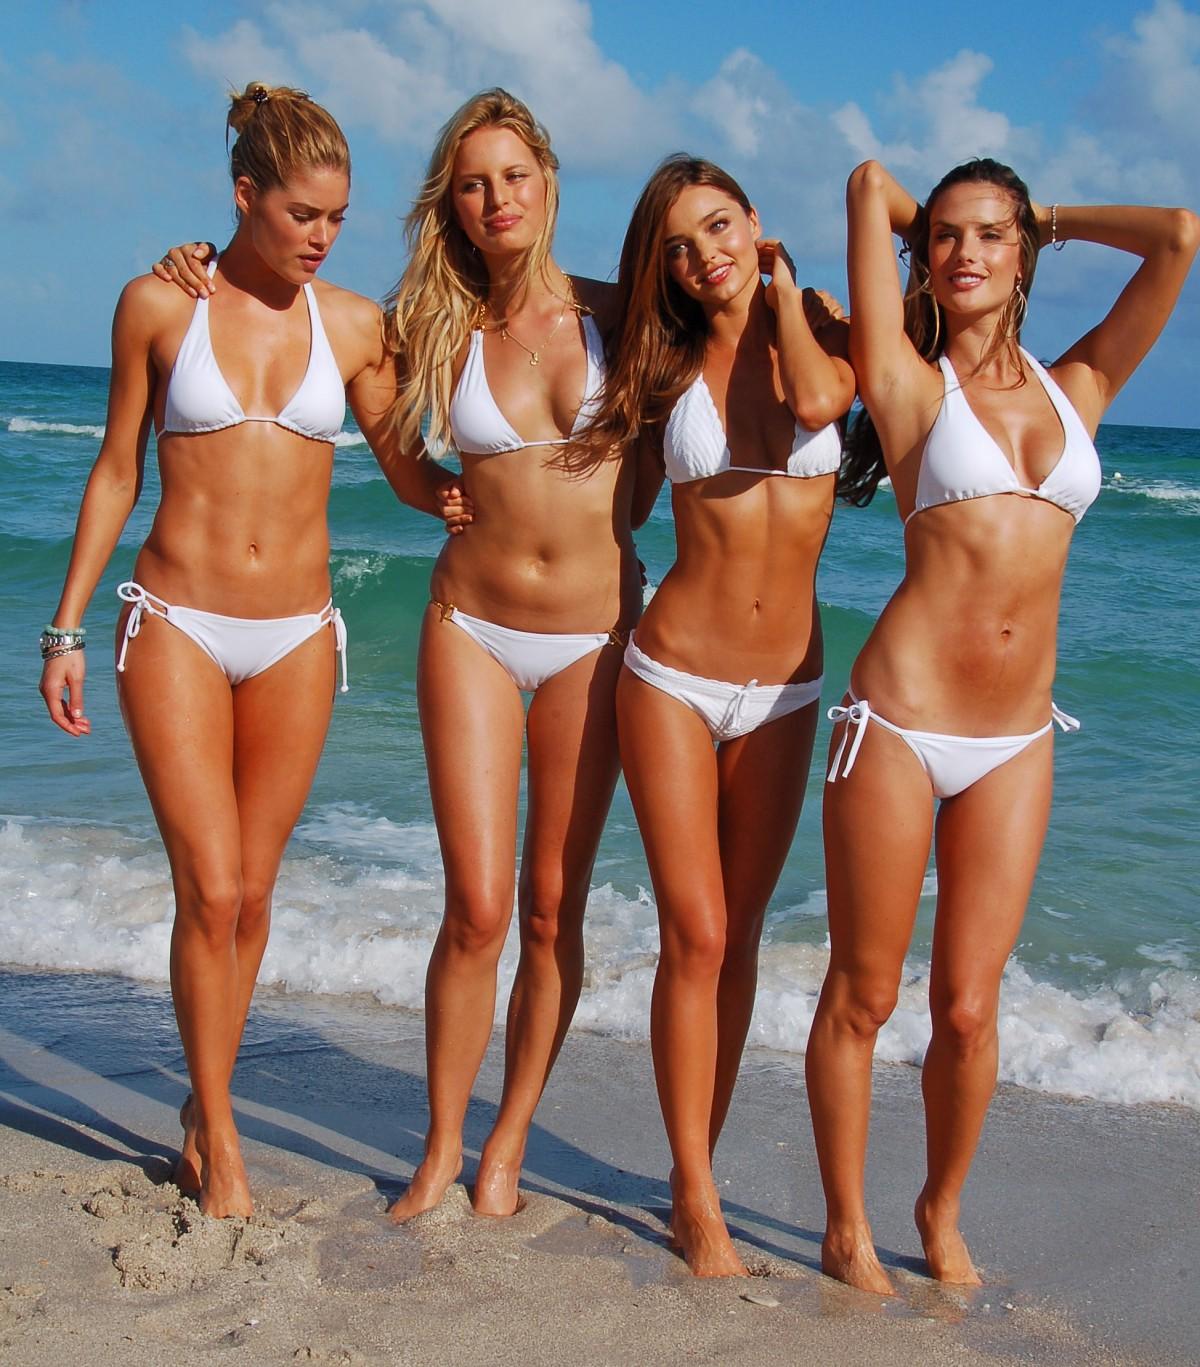 hot gingers girls pron pics